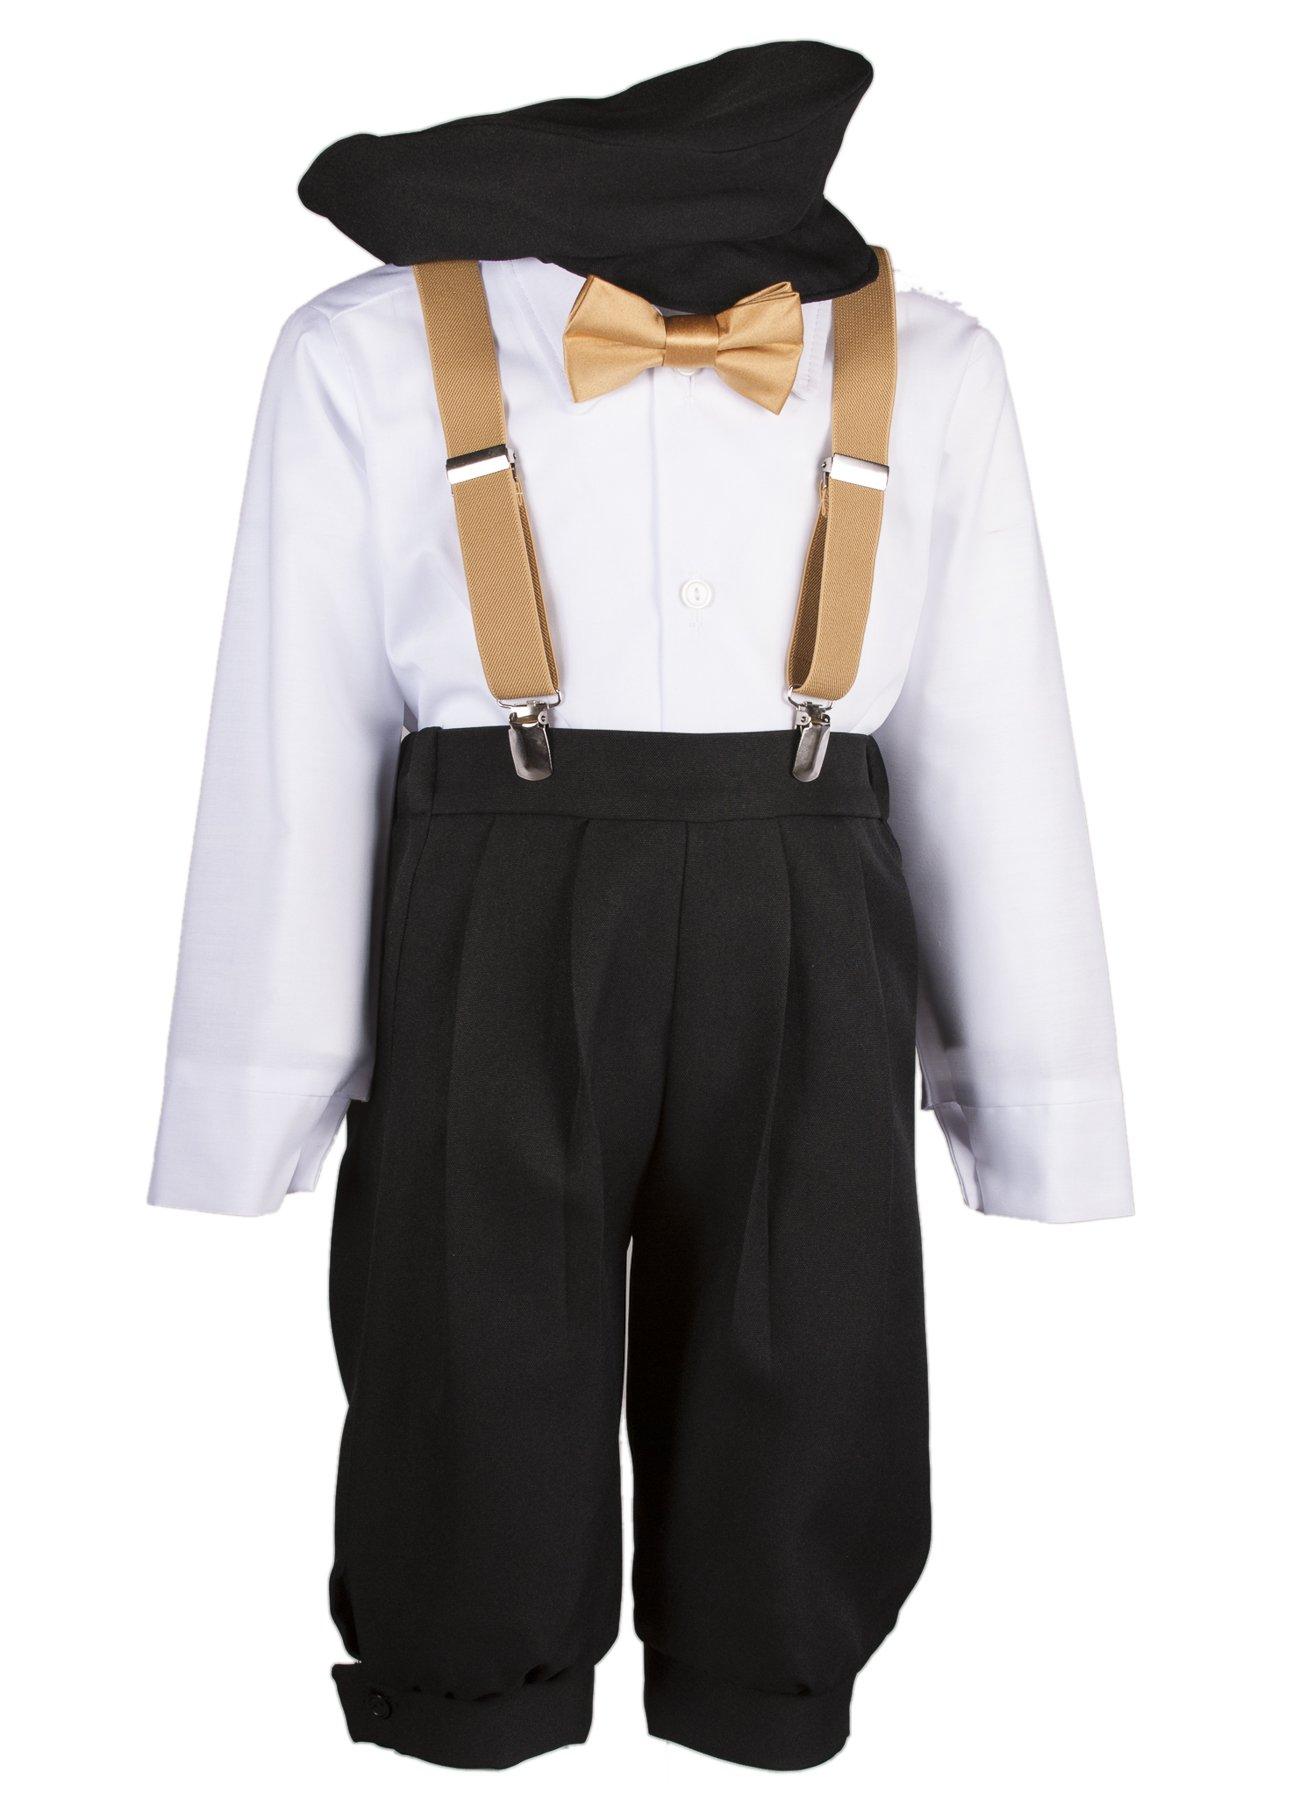 Boys Black Knickers Set Pageboy Cap Antique Gold Suspenders & Bow Tie (5 Boys)